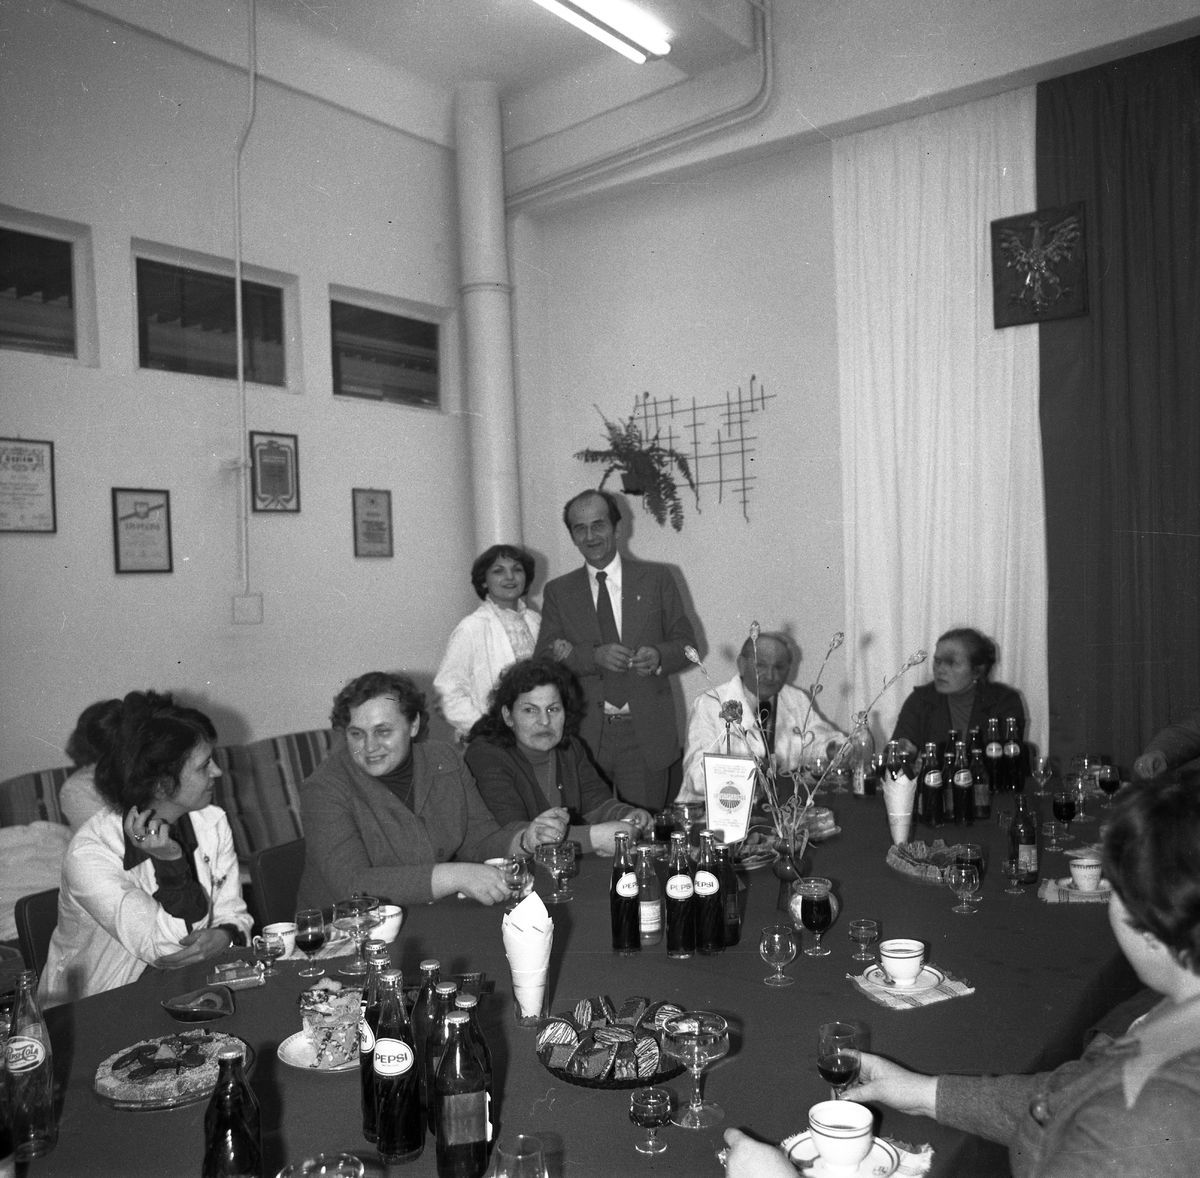 Delegacja radziecka w Wytwórni Pieczywa Cukierniczego, 1978 r.